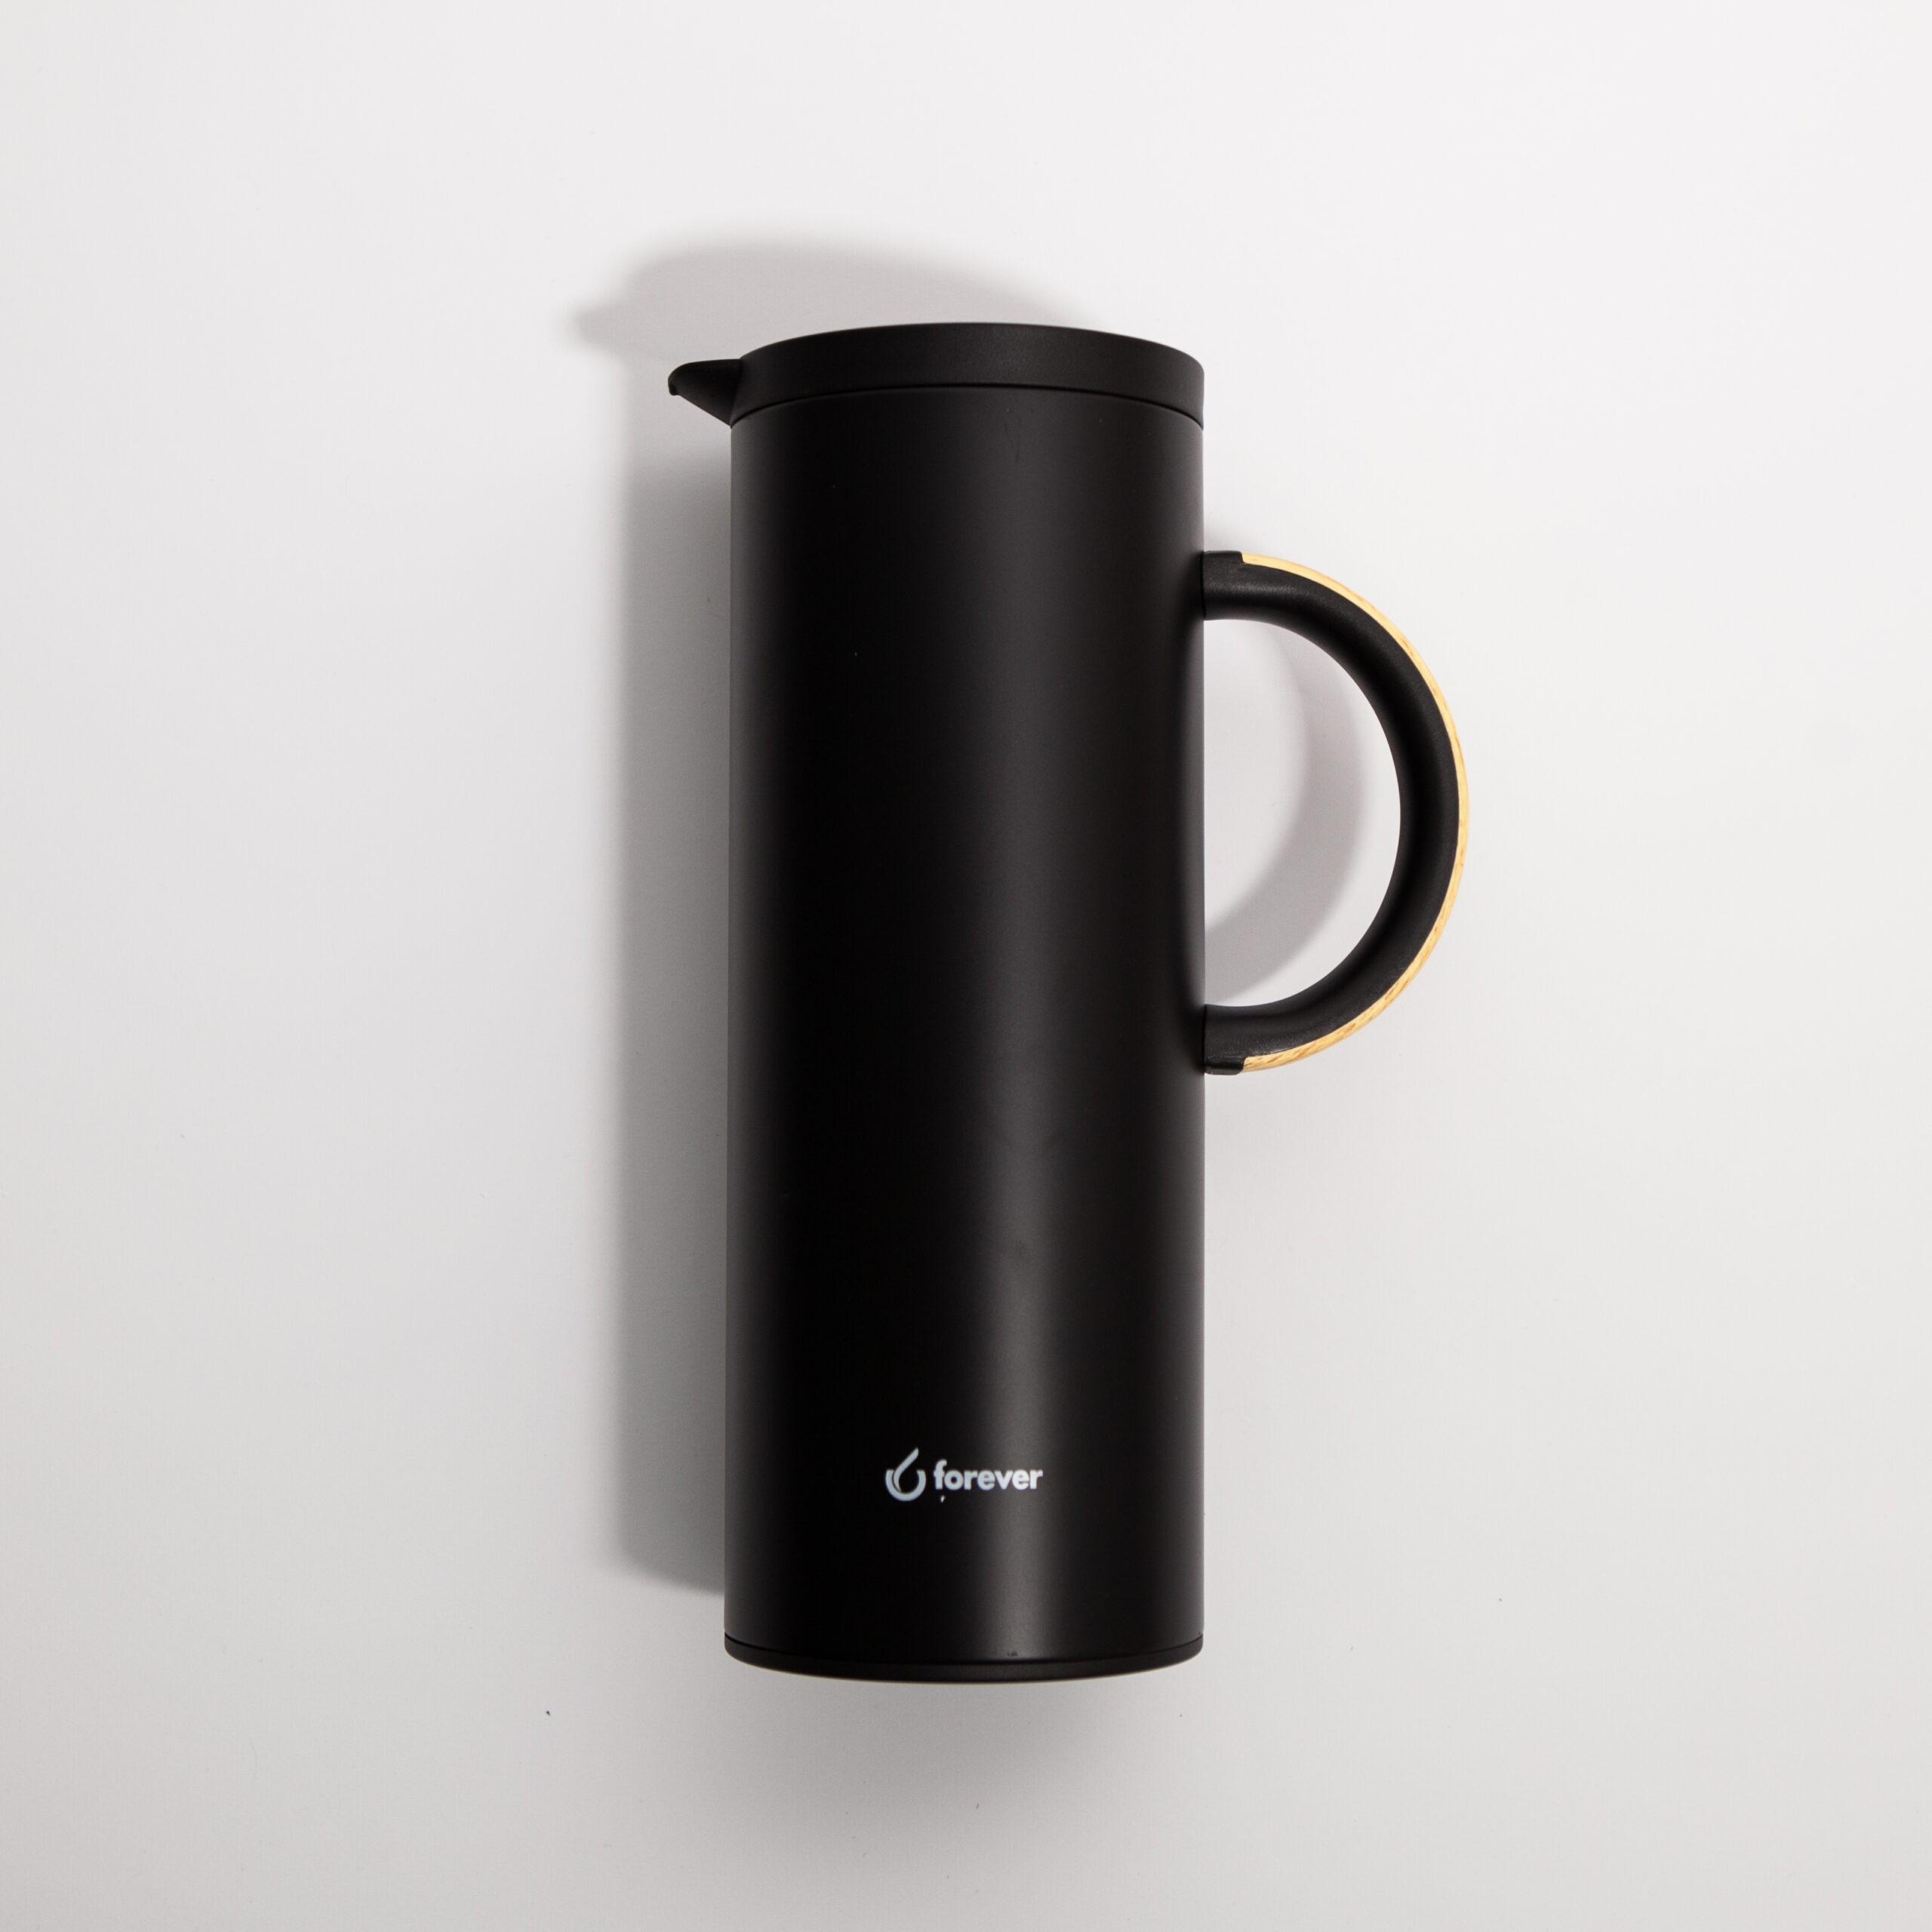 Forever dzbanek próżniowy ze stali nierdzewnej 1l - Coffee Gang | JestemSlow.pl